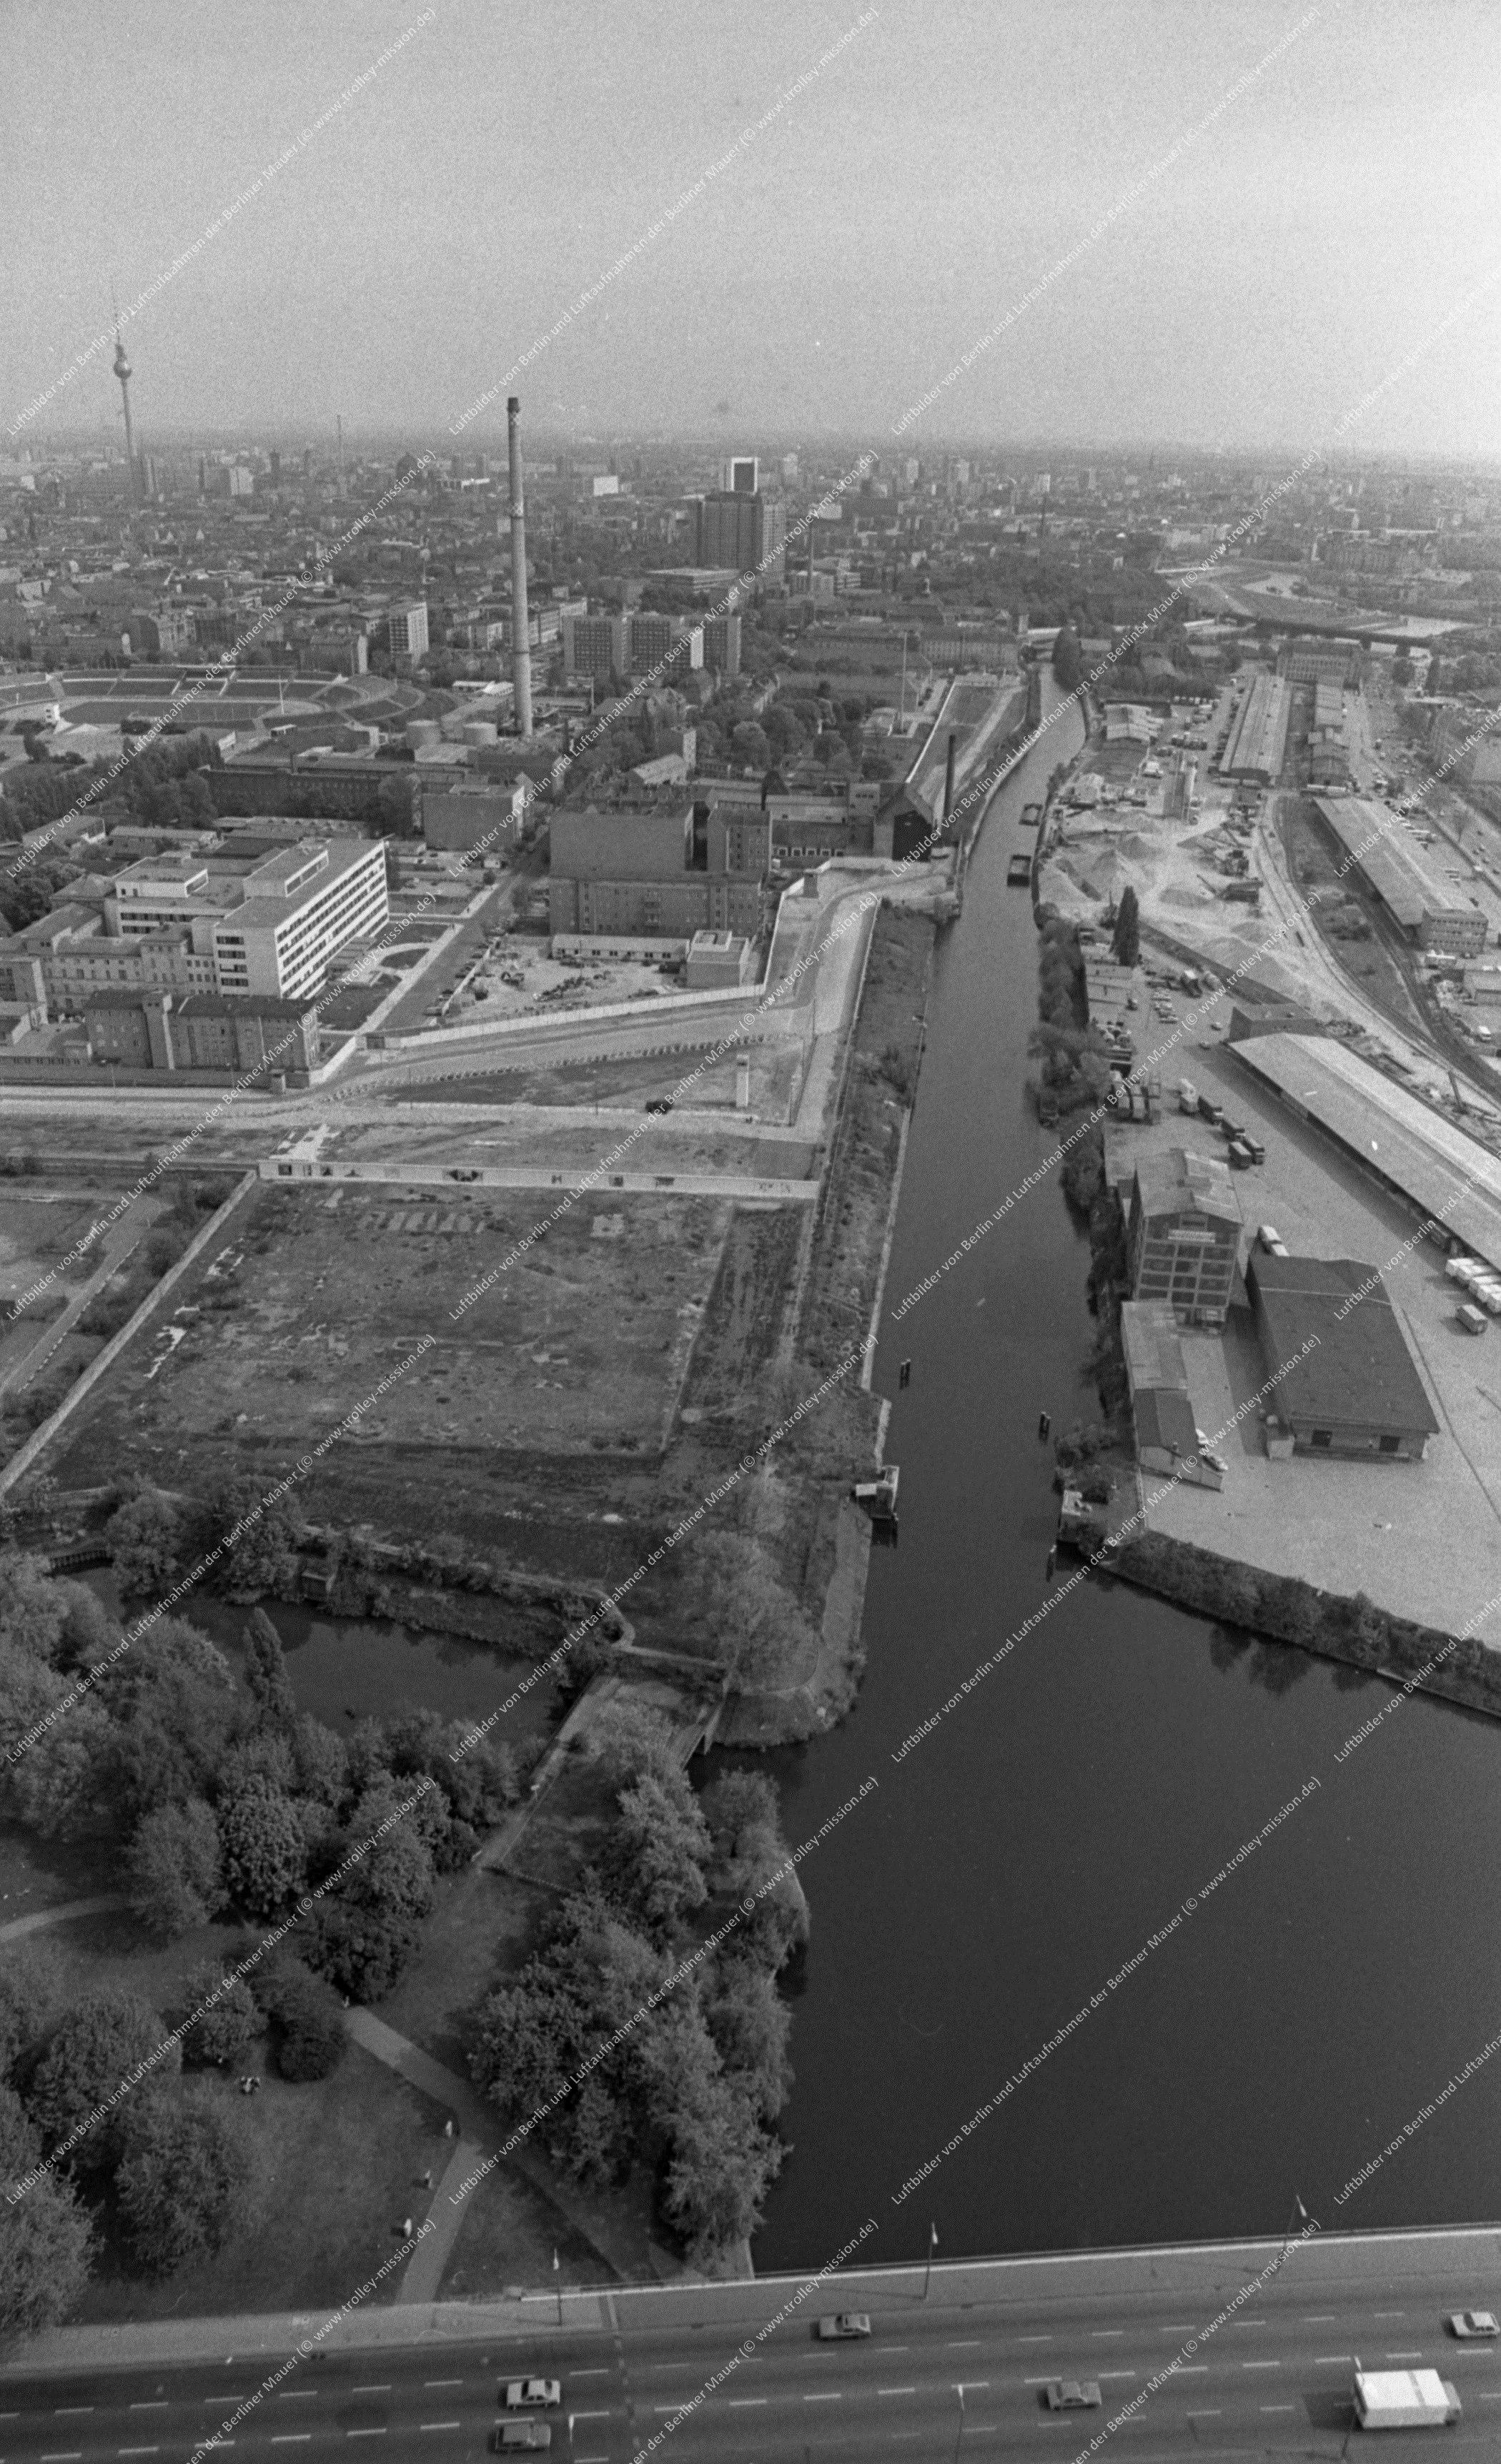 Berliner Luftaufnahme entlang der Sellerstraße vom Nordhafen zum Humboldthafen vom 12. Mai 1982 (Bild 062)